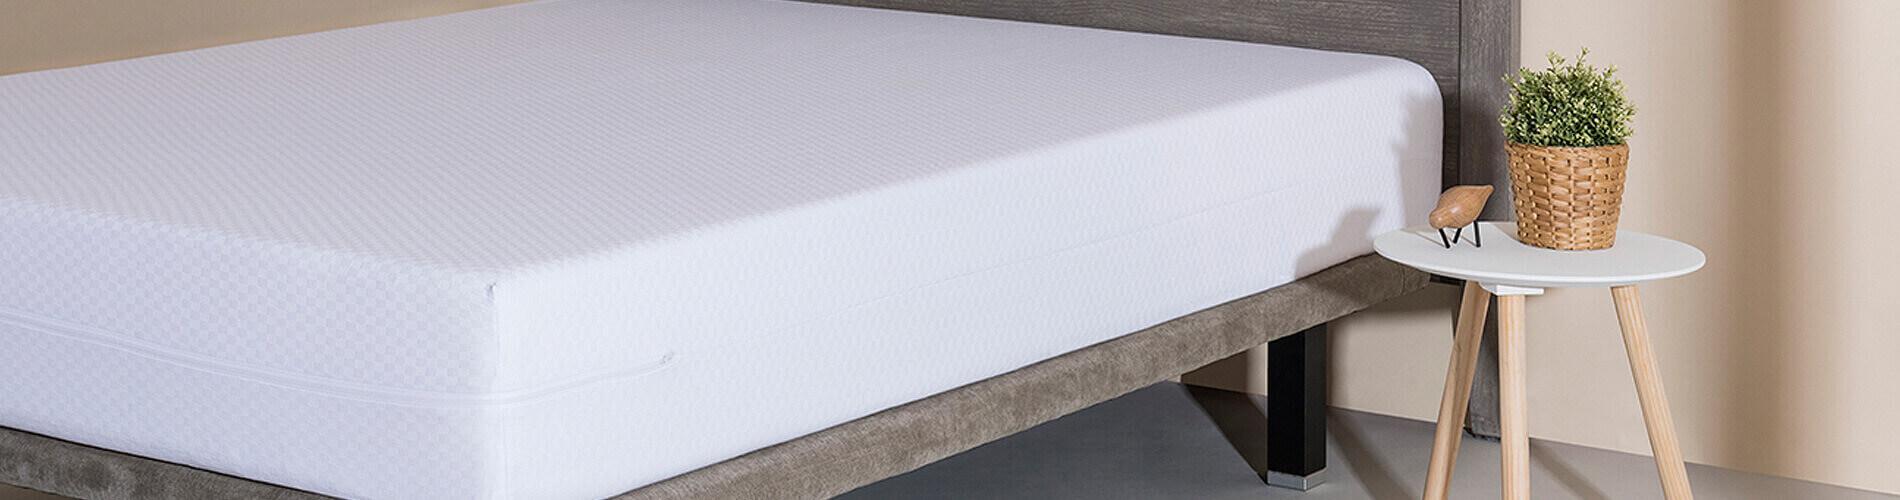 La Funda de colchón extensible Niza Velfont está confeccionada con algodón, que le proporciona gran elasticidad y adaptabilidad.